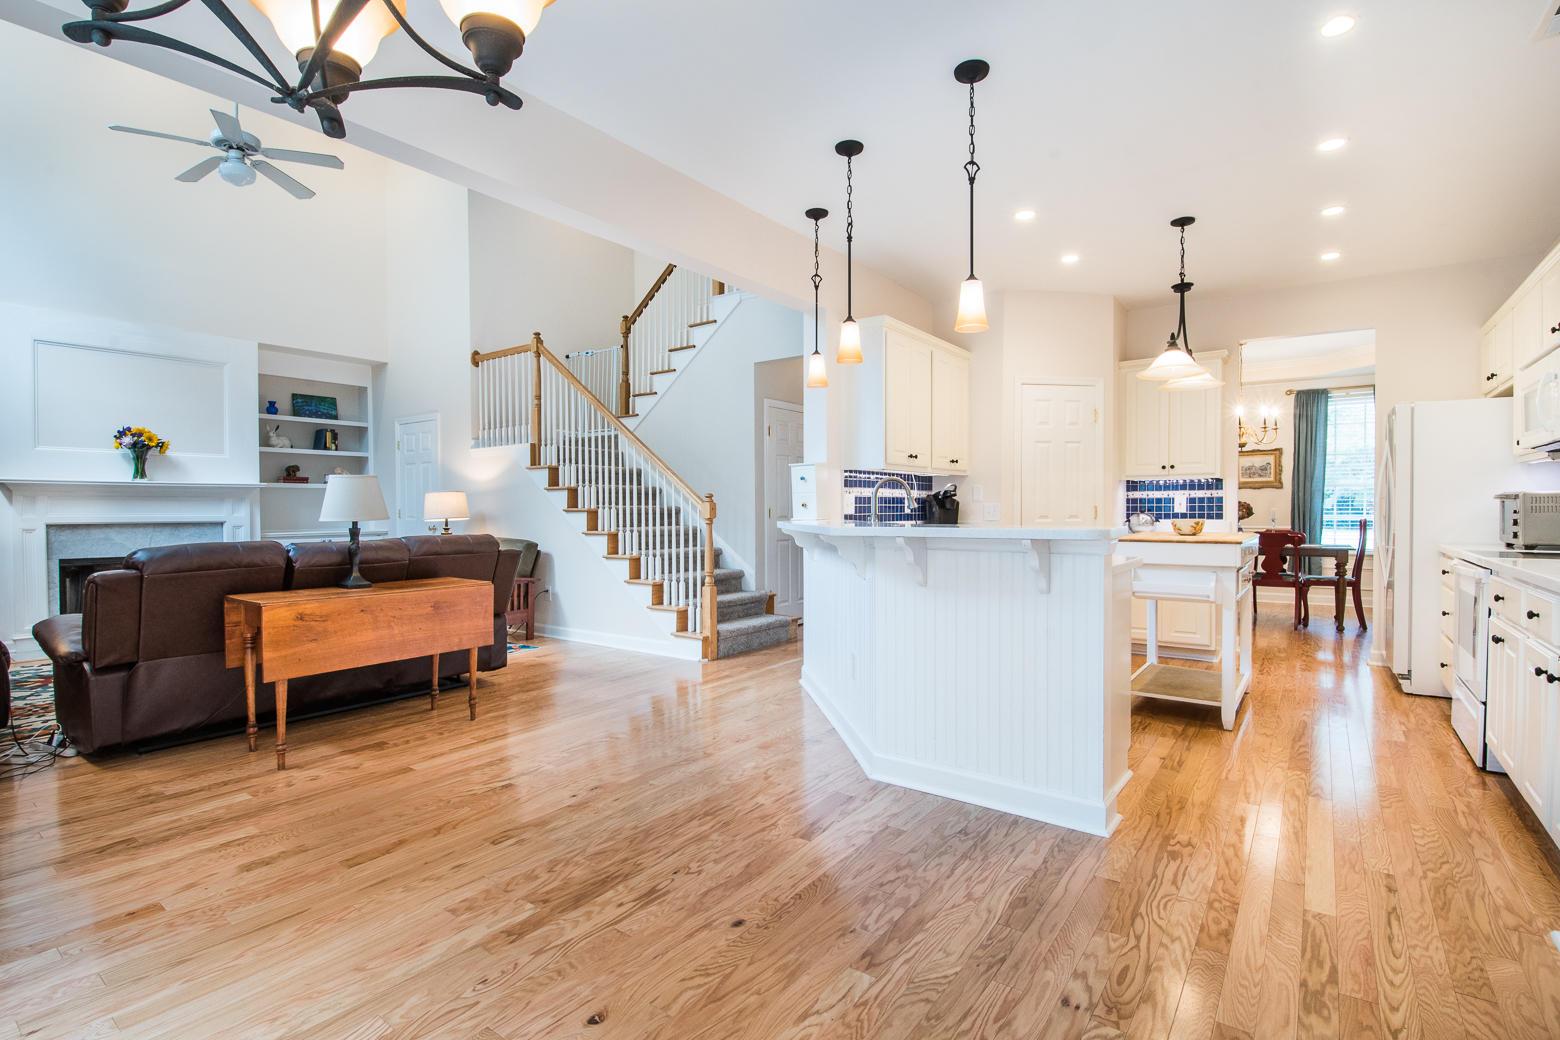 Dunes West Homes For Sale - 1111 Black Rush, Mount Pleasant, SC - 7